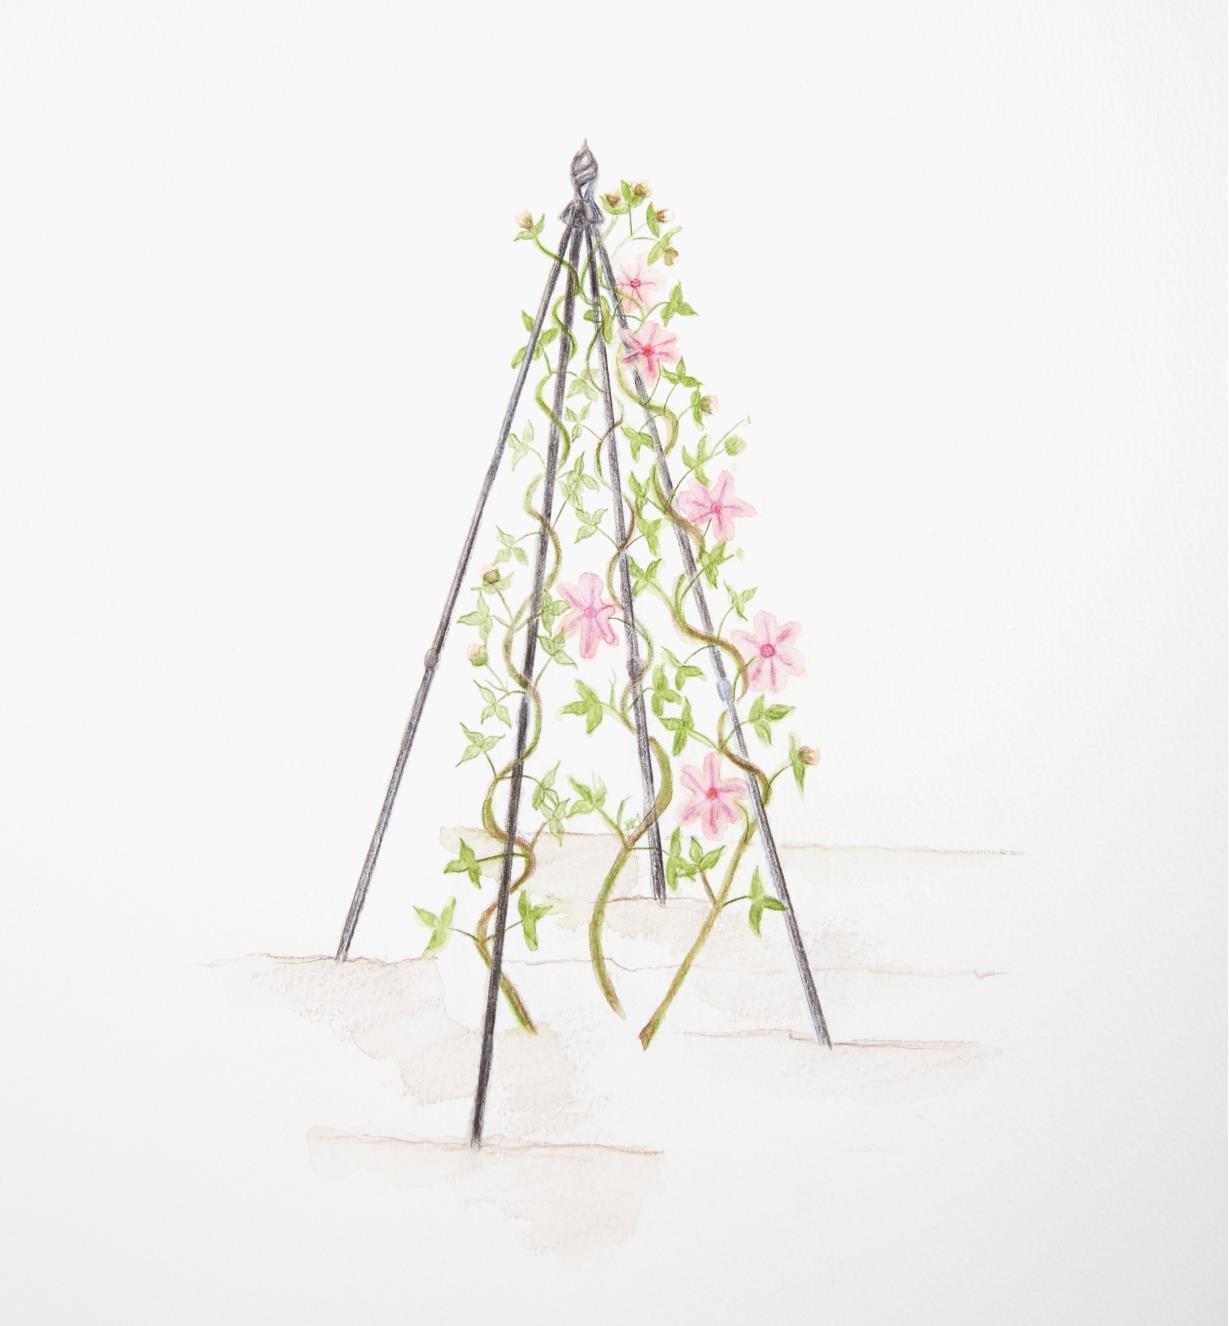 Illustration montrant une plante grimpante soutenue par le tuteur pyramidal